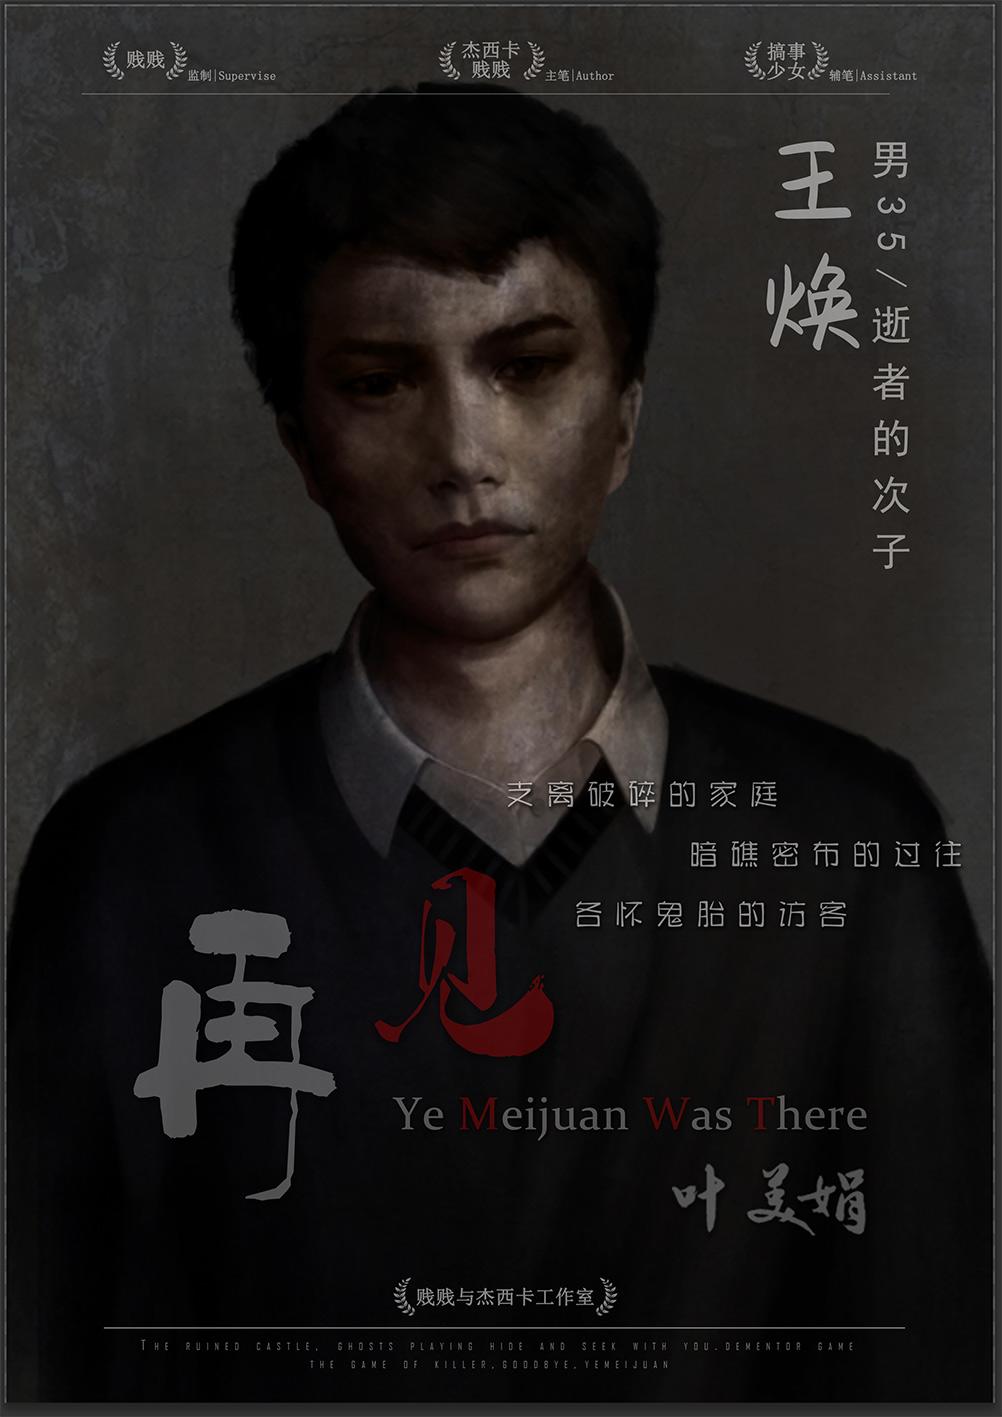 『再见叶美娟』剧本杀真相复盘 凶手是谁 剧透解析 密码答案 结局攻略